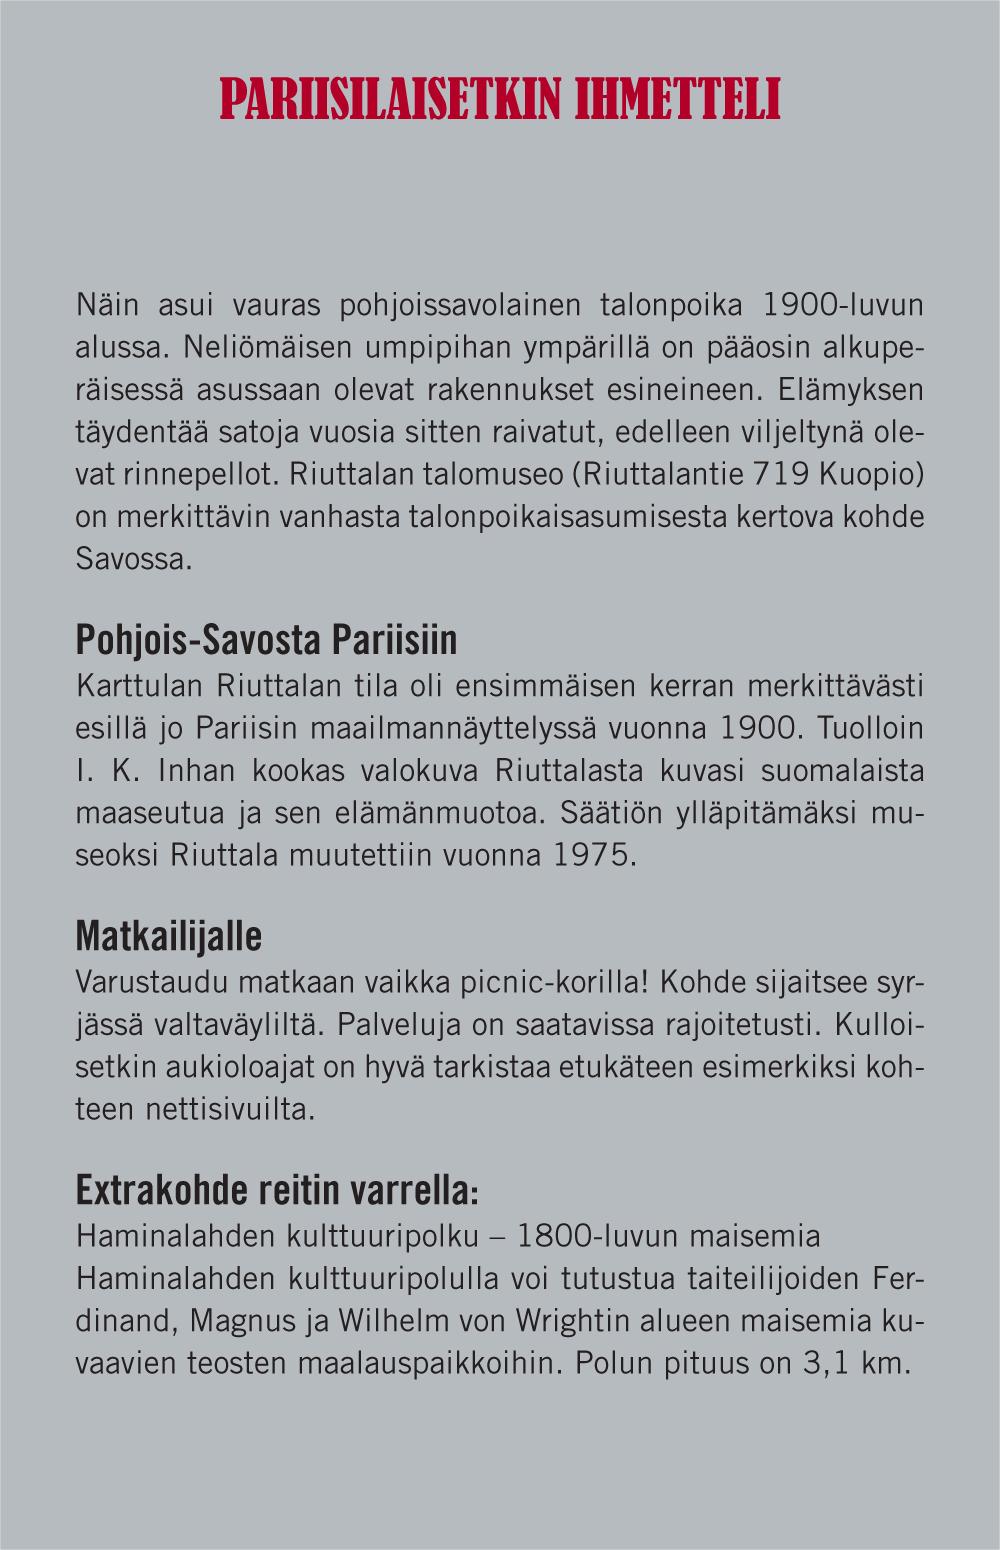 Pariisilaisetkin ihmetteli (Otsikko). Näin asui vauras pohjoissavolainen talonpoika 1900-luvun alussa. Neliömäisen umpipihan ympärillä on pääosin alkuperäisessä asussaan olevat rakennukset esineineen. Elämyksen täydentää satoja vuosia sitten raivatut, edelleen viljeltynä olevat rinnepellot. Riuttalan talomuseo (Riuttalantie 719, Kuopio) on merkittävin vanhasta talonpoikaisasumisesta kertova kohde Savossa. Pohjois-Savosta Pariisiin (Väliotsikko). Karttulan Riuttalan tila oli ensimmäisen kerran merkittävästi esillä jo Pariisin maailmannäyttelyssä vuonna 1900. Tuolloin I. K. Inhan kookas valokuva Riuttalasta kuvasi suomalaista maaseutua ja sen elämänmuotoa. Säätiön ylläpitämäksi museoksi Riuttala muutettiin vuonna 1975. Matkailijalle (Väliotsikko). Varustaudu matkaan vaikka picnic-korilla! Kohde sijaitsee syrjässä valtaväyliltä. Palveluja on saatavissa rajoitetusti. Kulloisetkin aukioloajat on hyvä tarkistaa etukäteen esimerkiksi kohteen nettisivuilta. Extrakohde reitin varrella (väliotsikko): Haminalahden kulttuuripolulla voitutustua taitelijoiden Ferdinand, Magnus ja Wilhelm von Wrightin alueen maisemia kuvaamien teosten maalauspaikkoihin, Polun pituus on 3,1km.